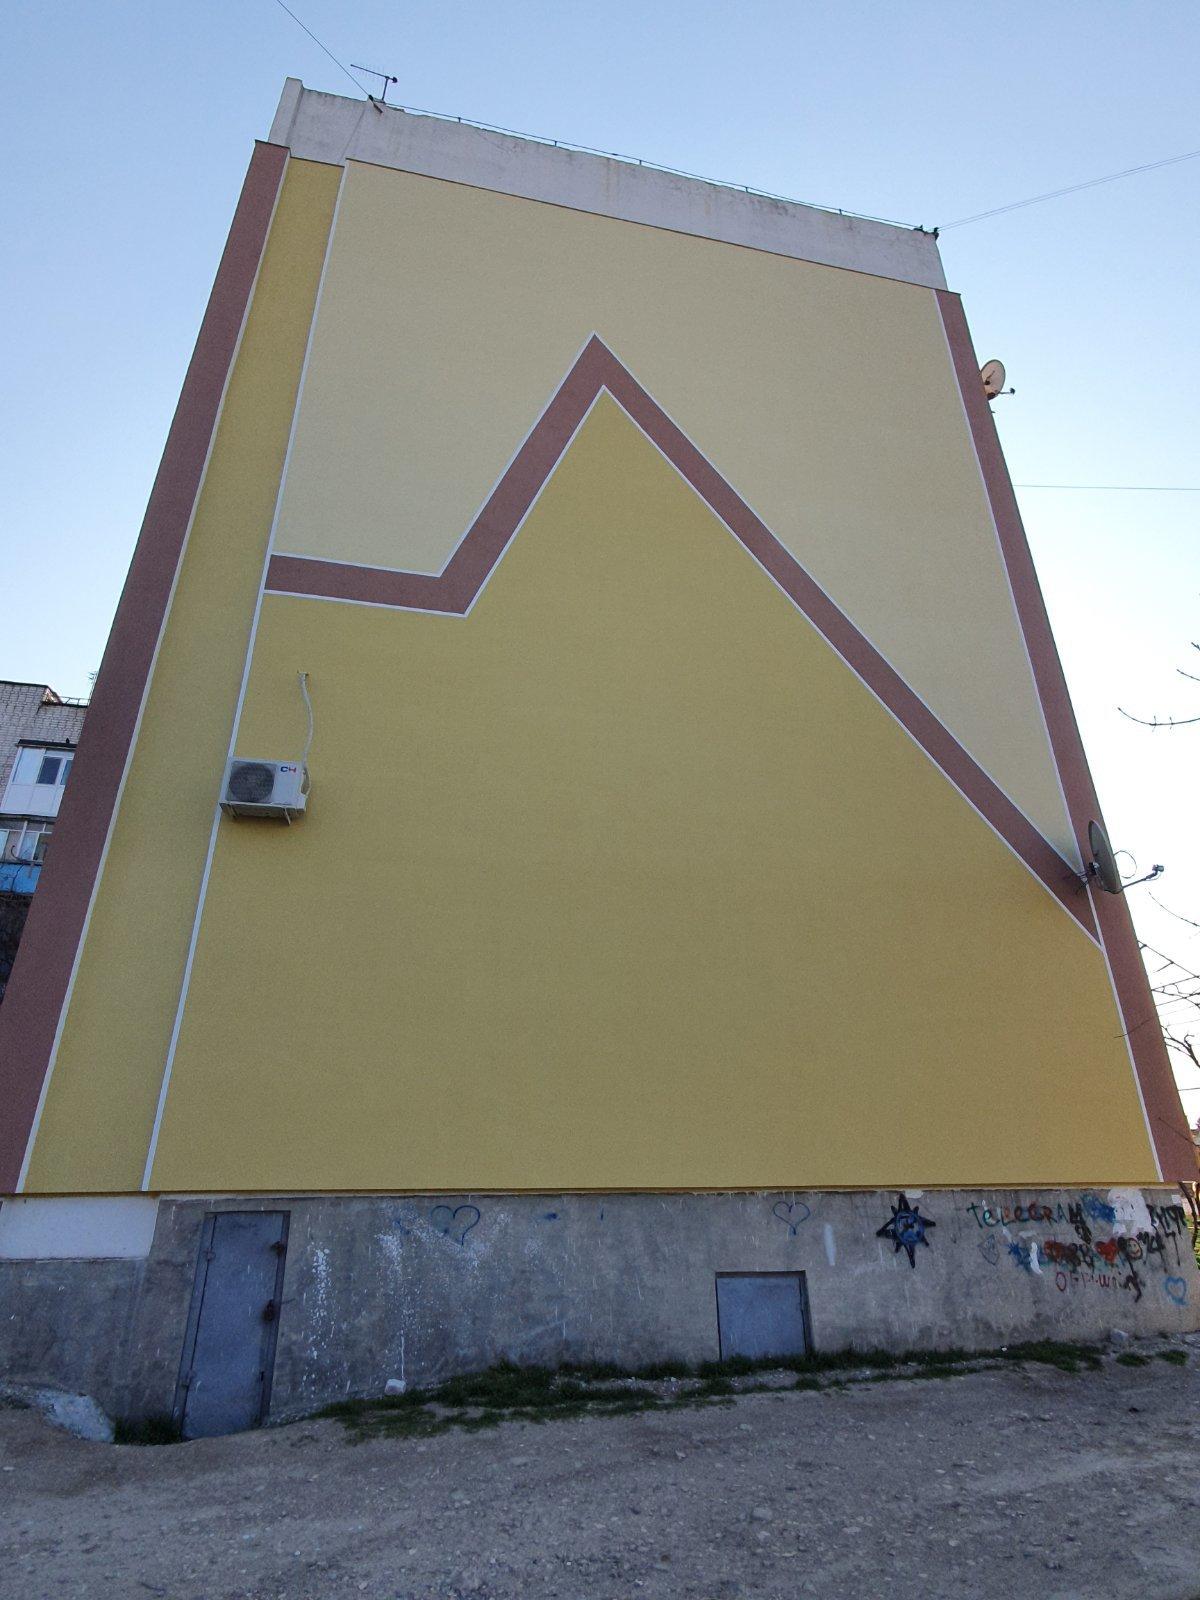 Доставка строительных материалов, фото-17